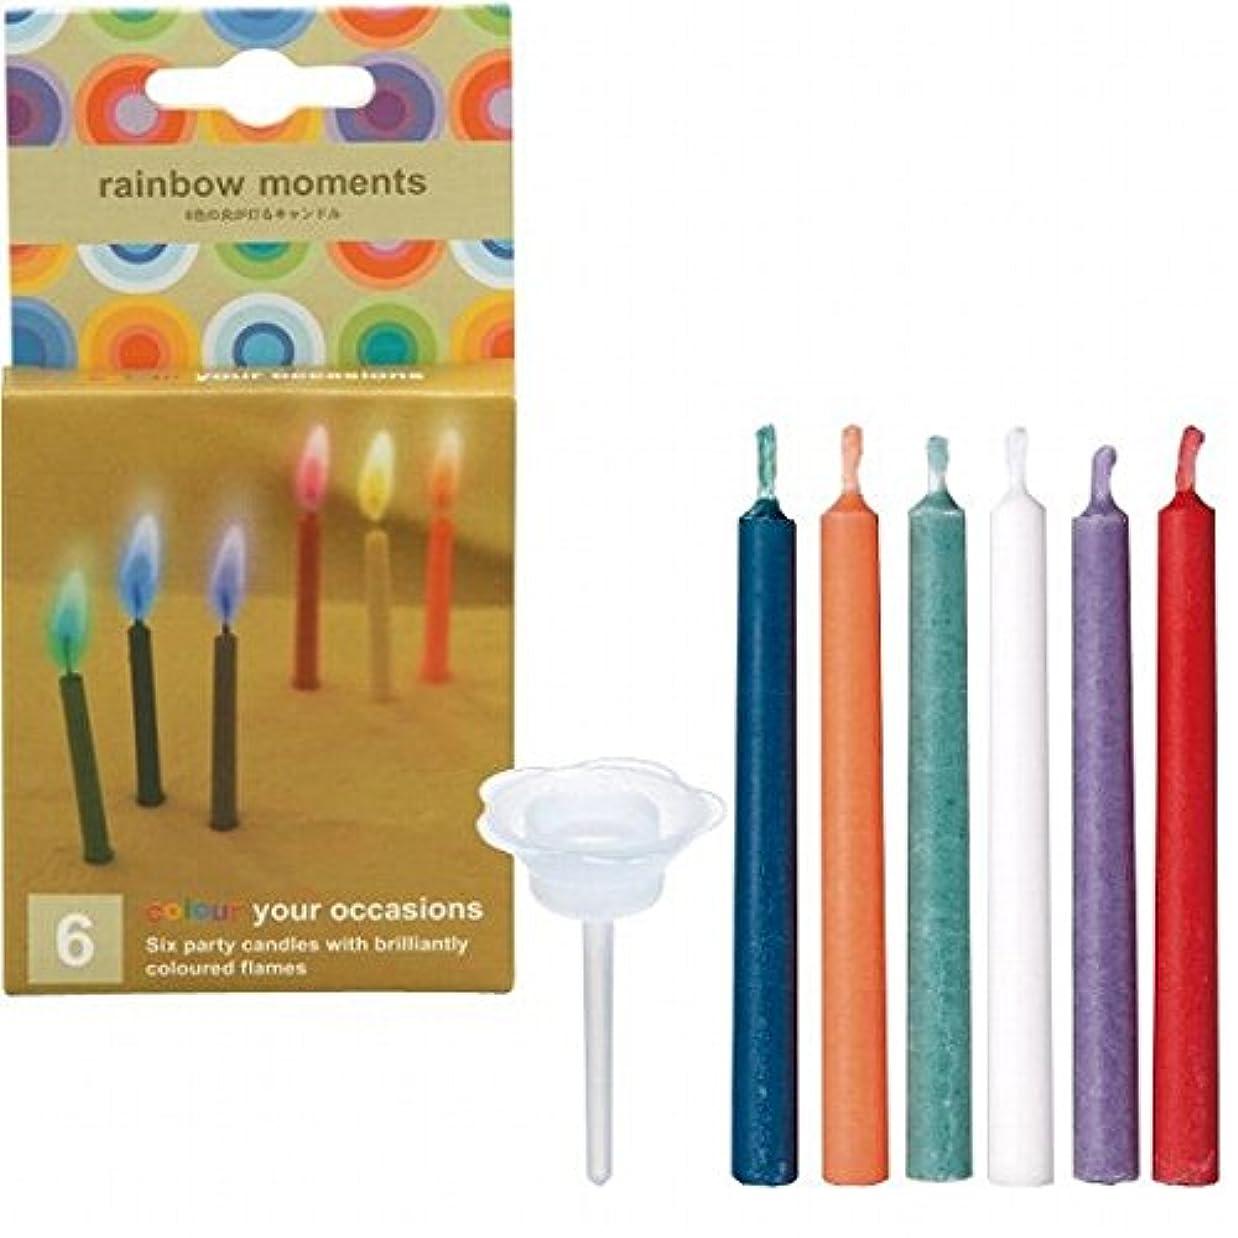 ピーブ特権的寄生虫カメヤマキャンドル( kameyama candle ) rainbowmoments(レインボーモーメント)6色6本入り 「 6本入り 」 キャンドル